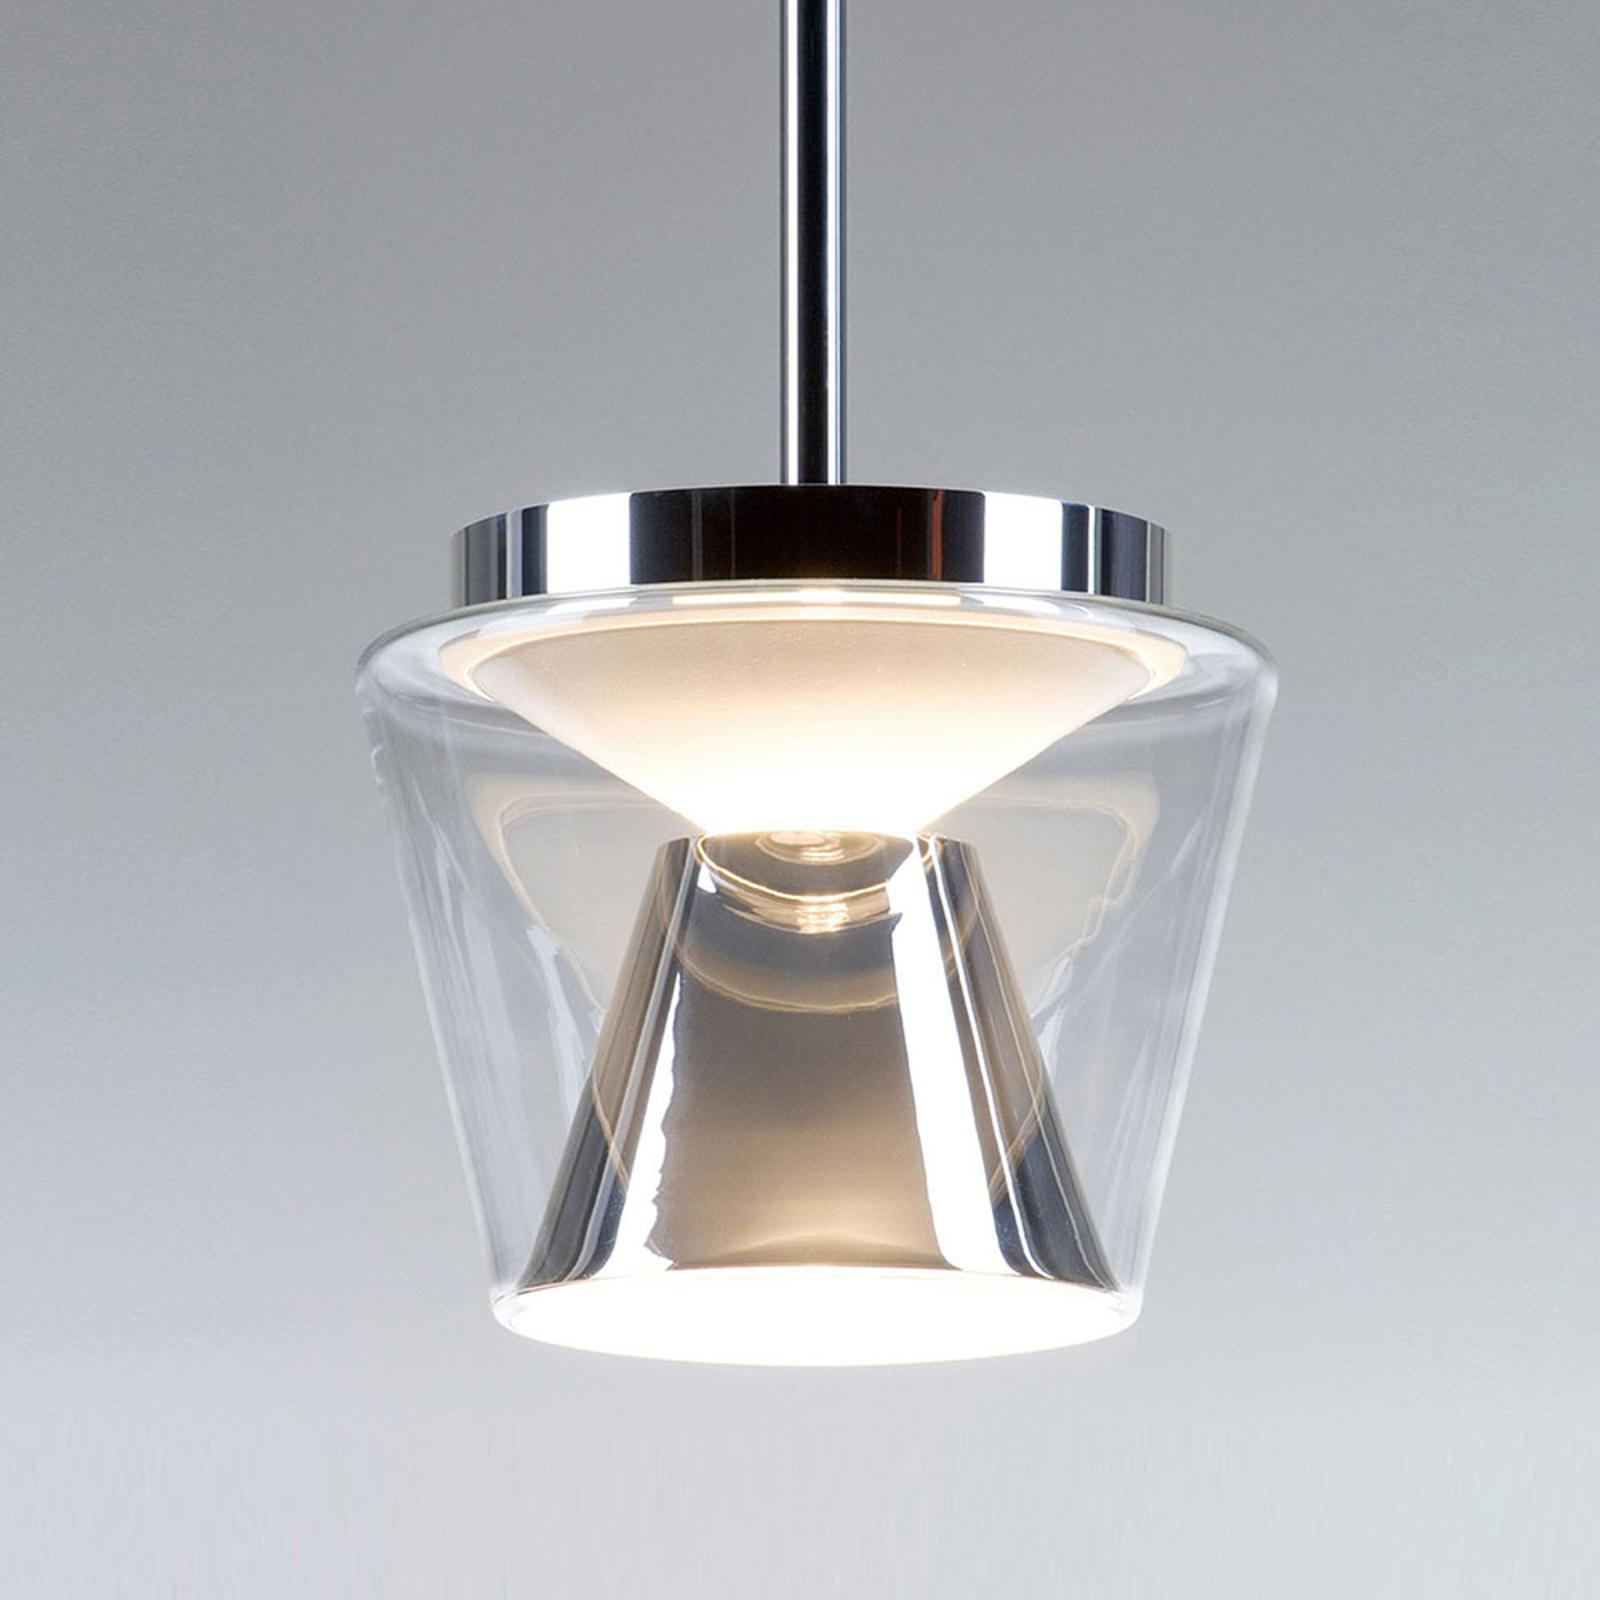 serien.lighting Annex M Pendel 13W 2.700K poliert